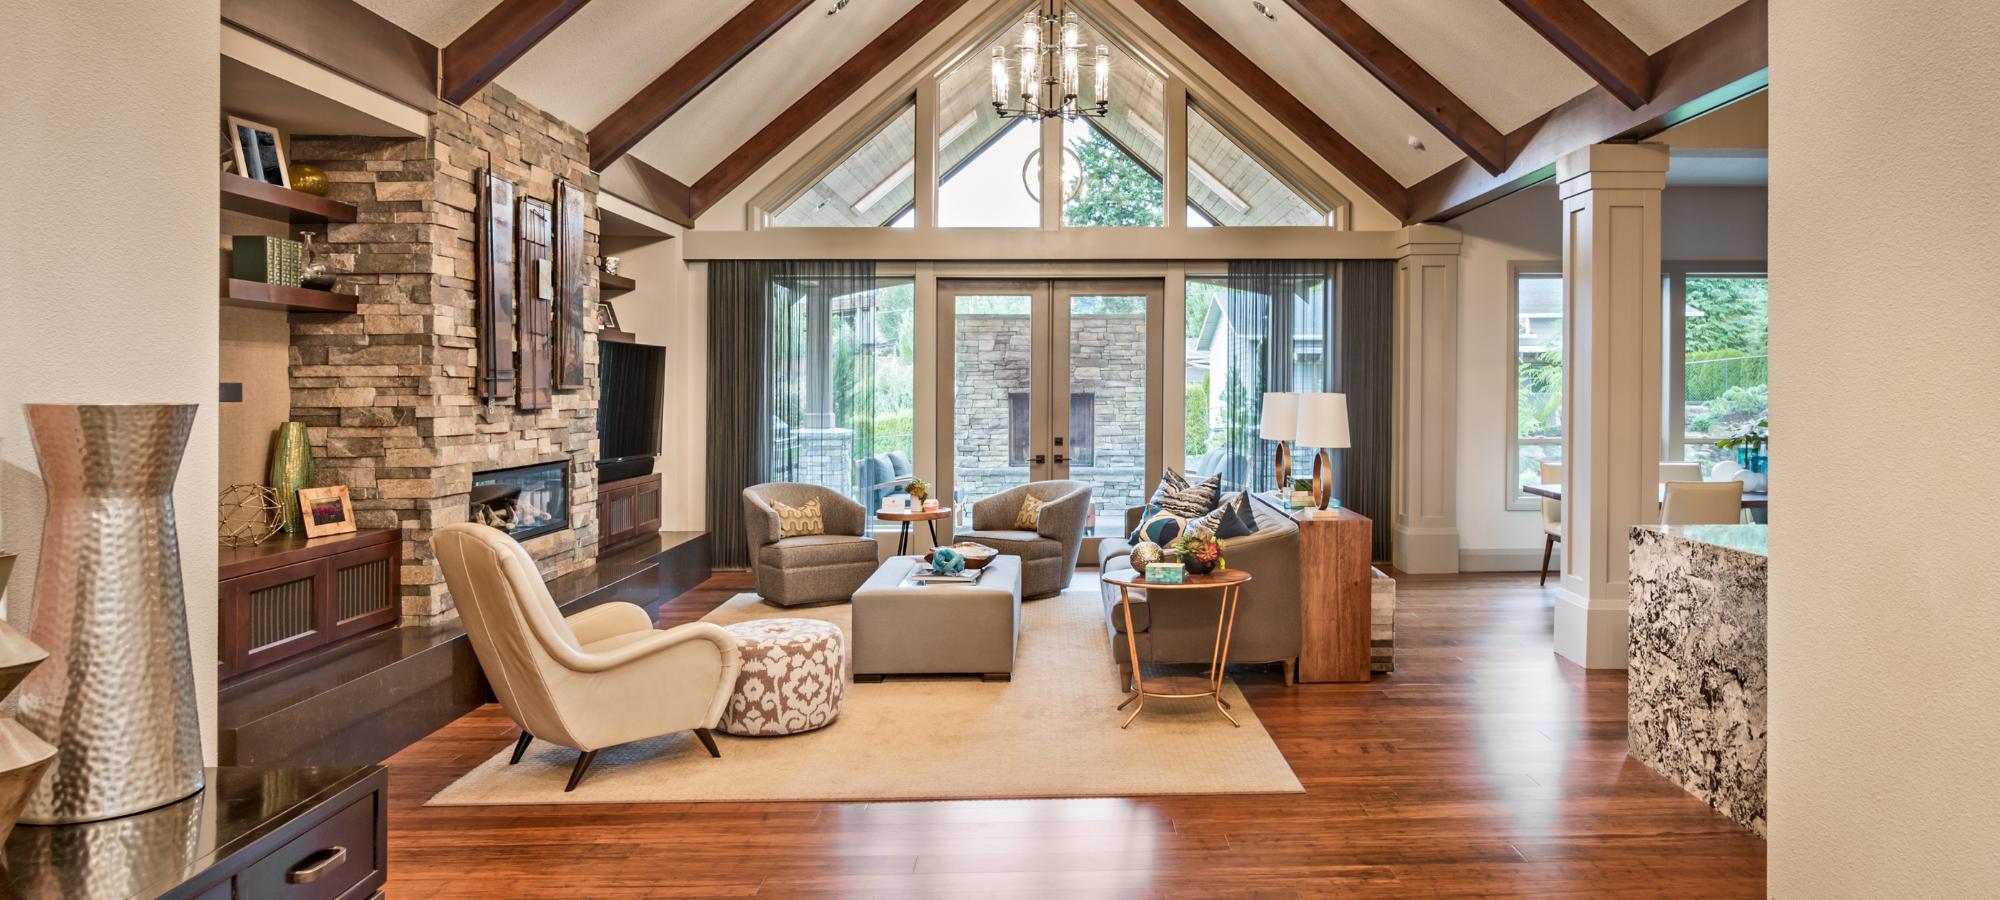 Luxury Homes in Northeast Wisconsin